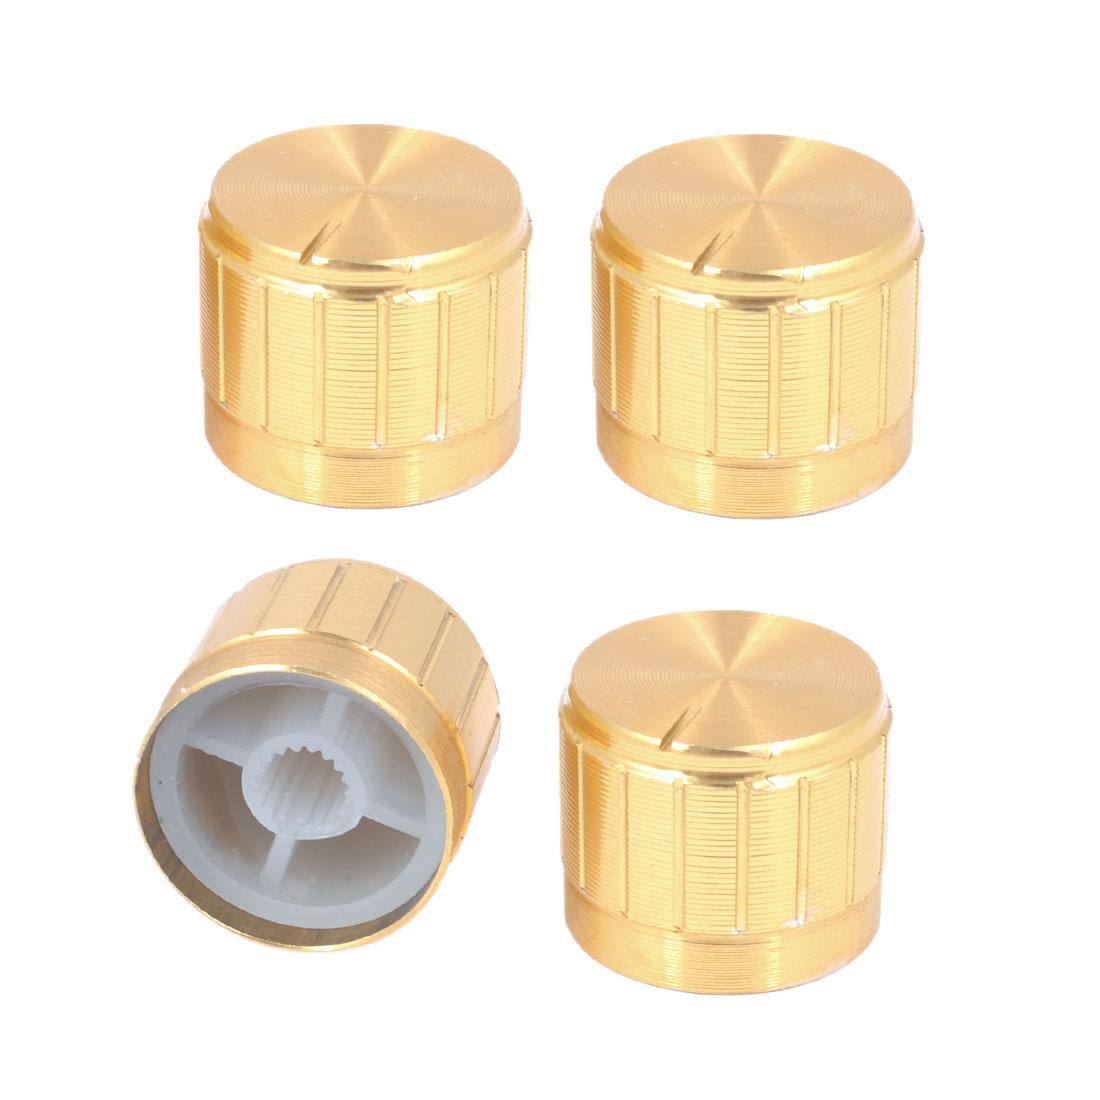 4pcs 21mm x 17mm Gold Tone Aluminum Potentiometer Knobs